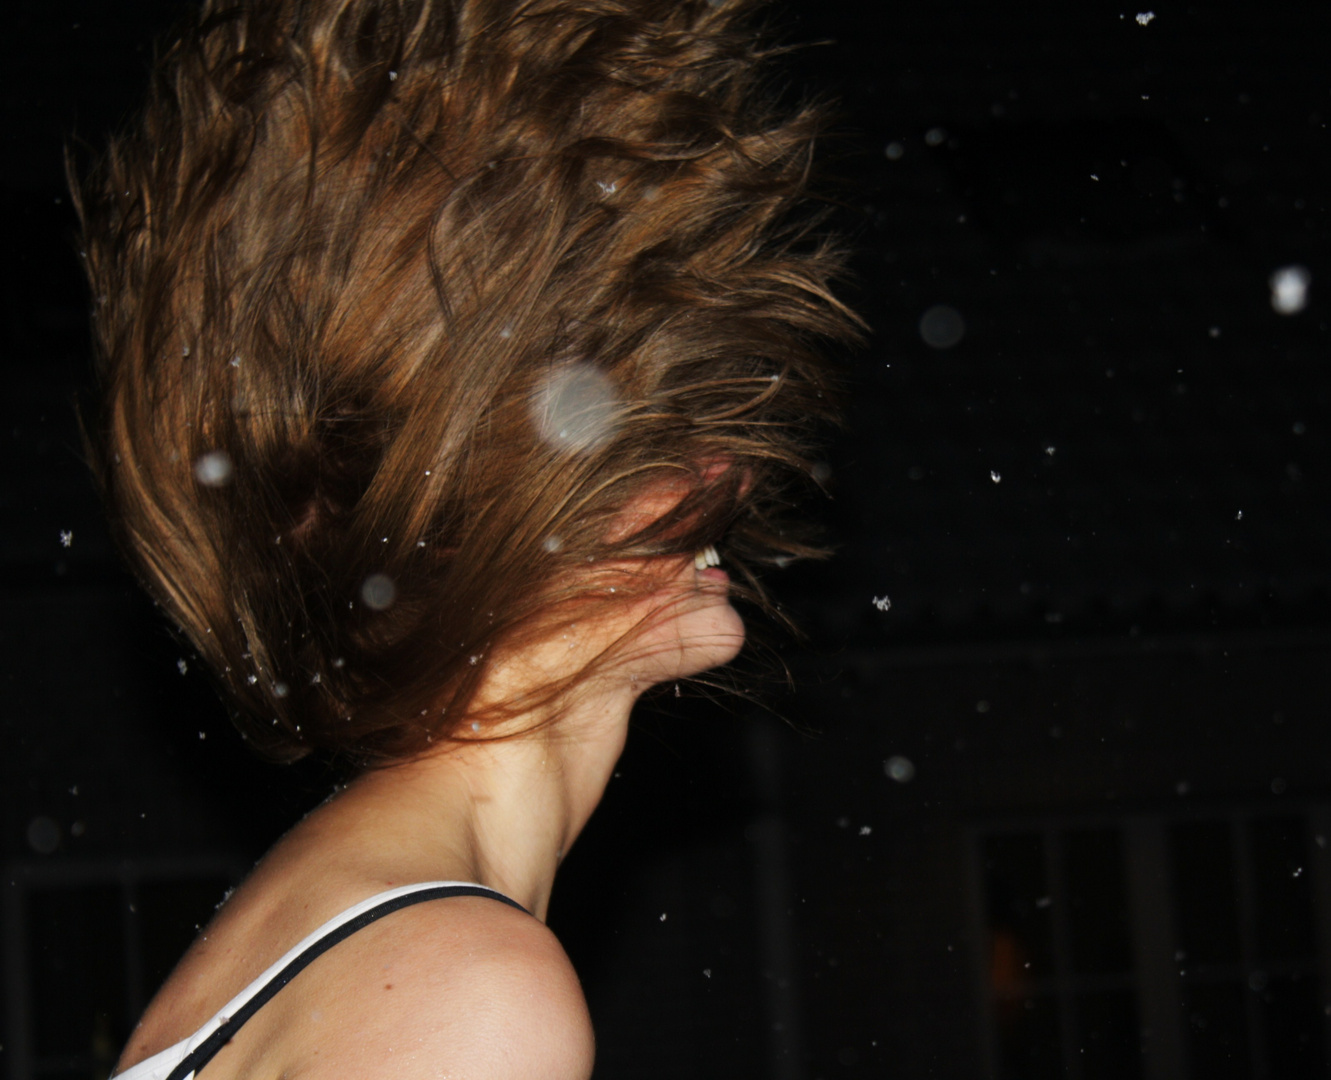 Tanz mit mir bis zum nächsten tag